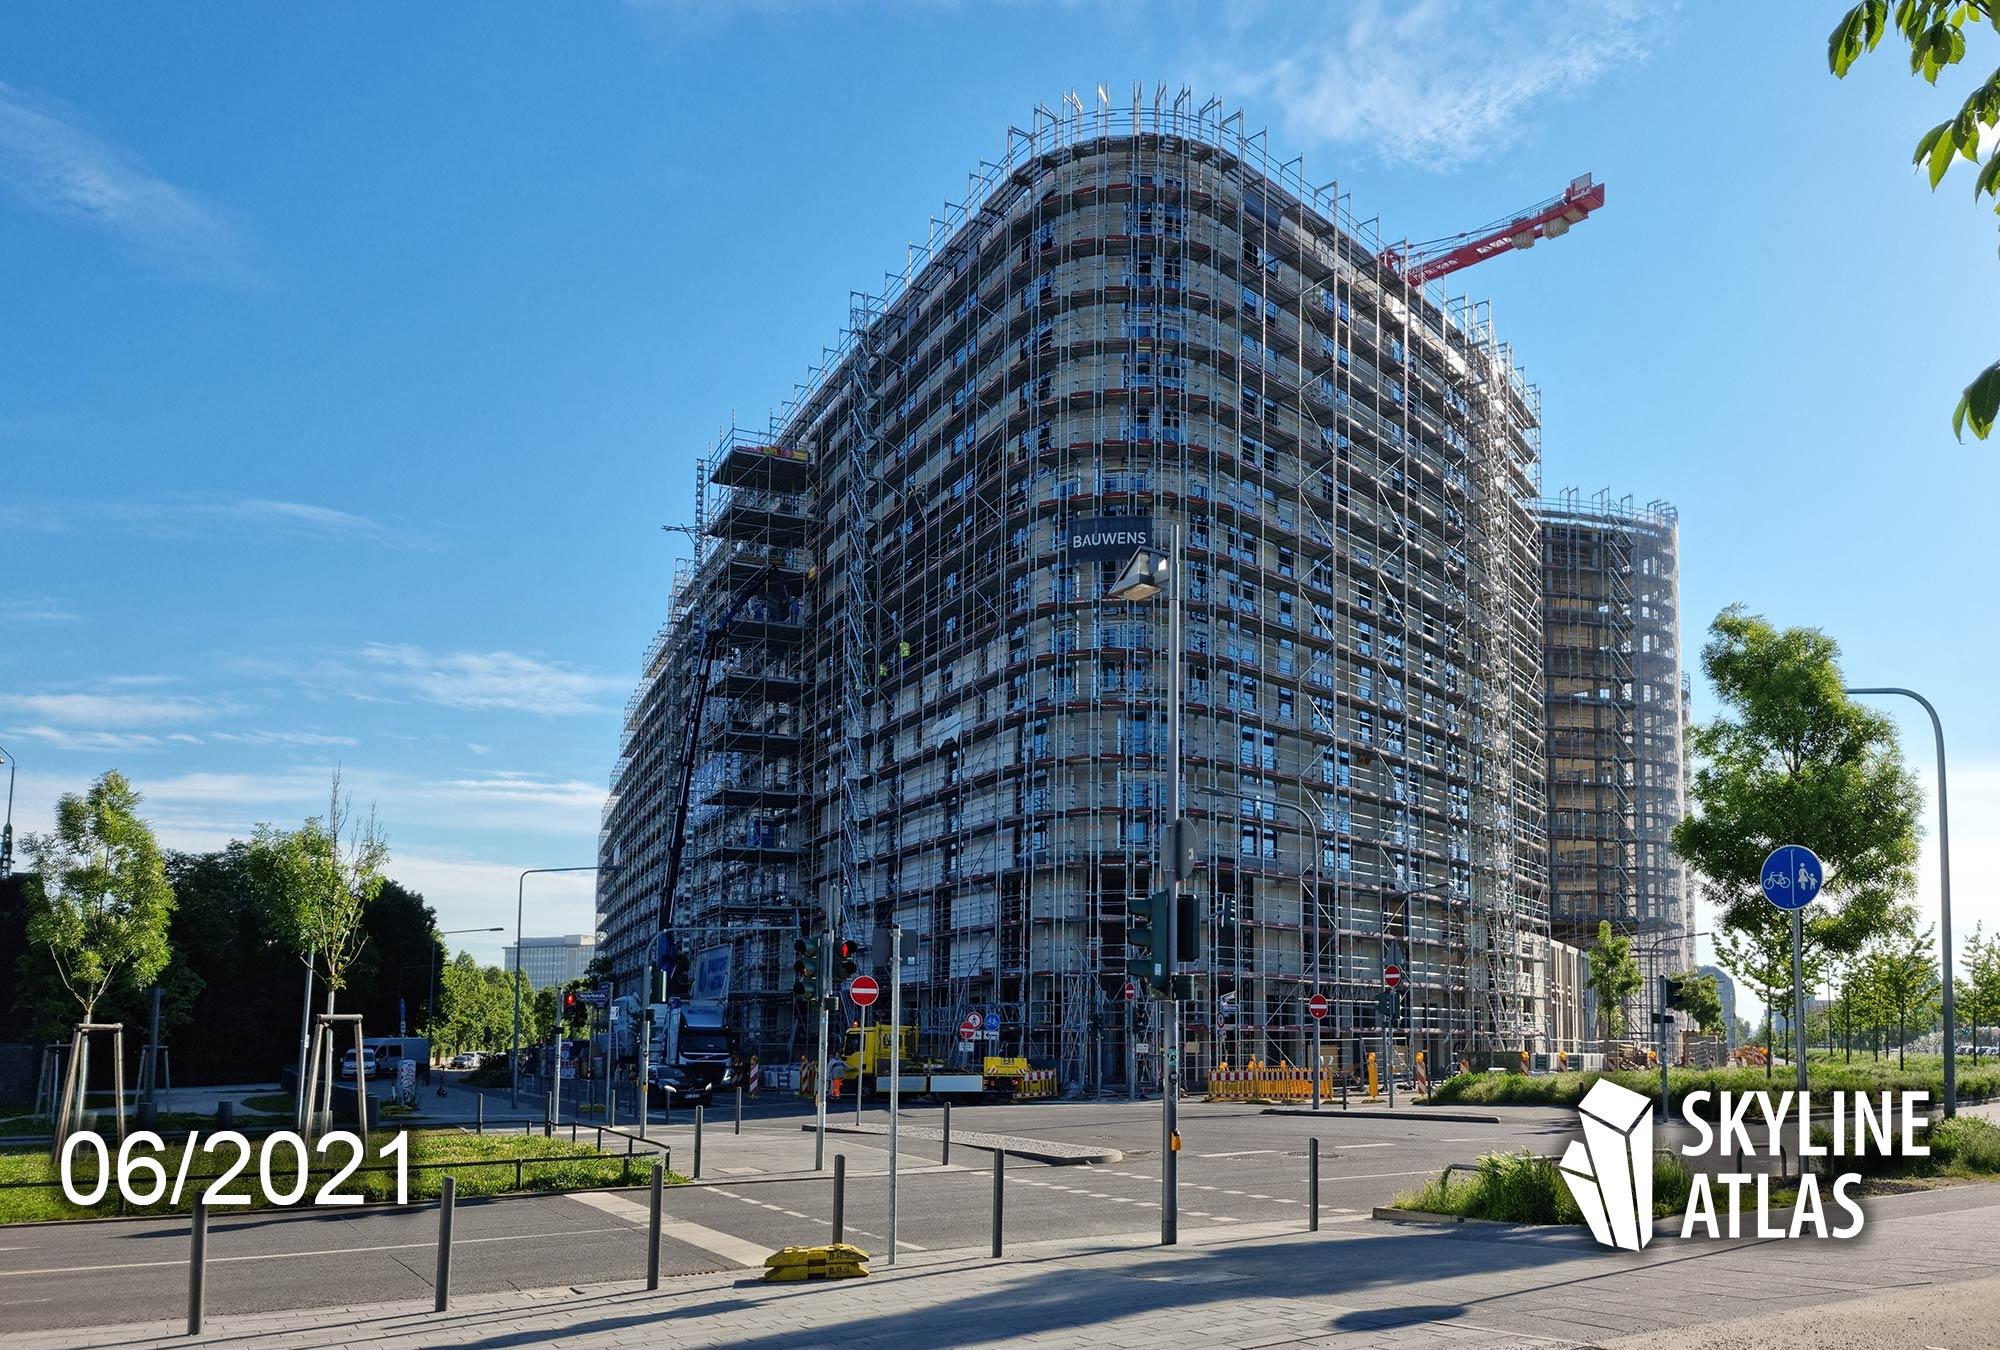 Scandic Frankfurt - HPQ 2 - Hafenpark Quartier FFM - Konferenzhotel Scandic FFM - Frankfurt am Main Ostend - Juni 2021